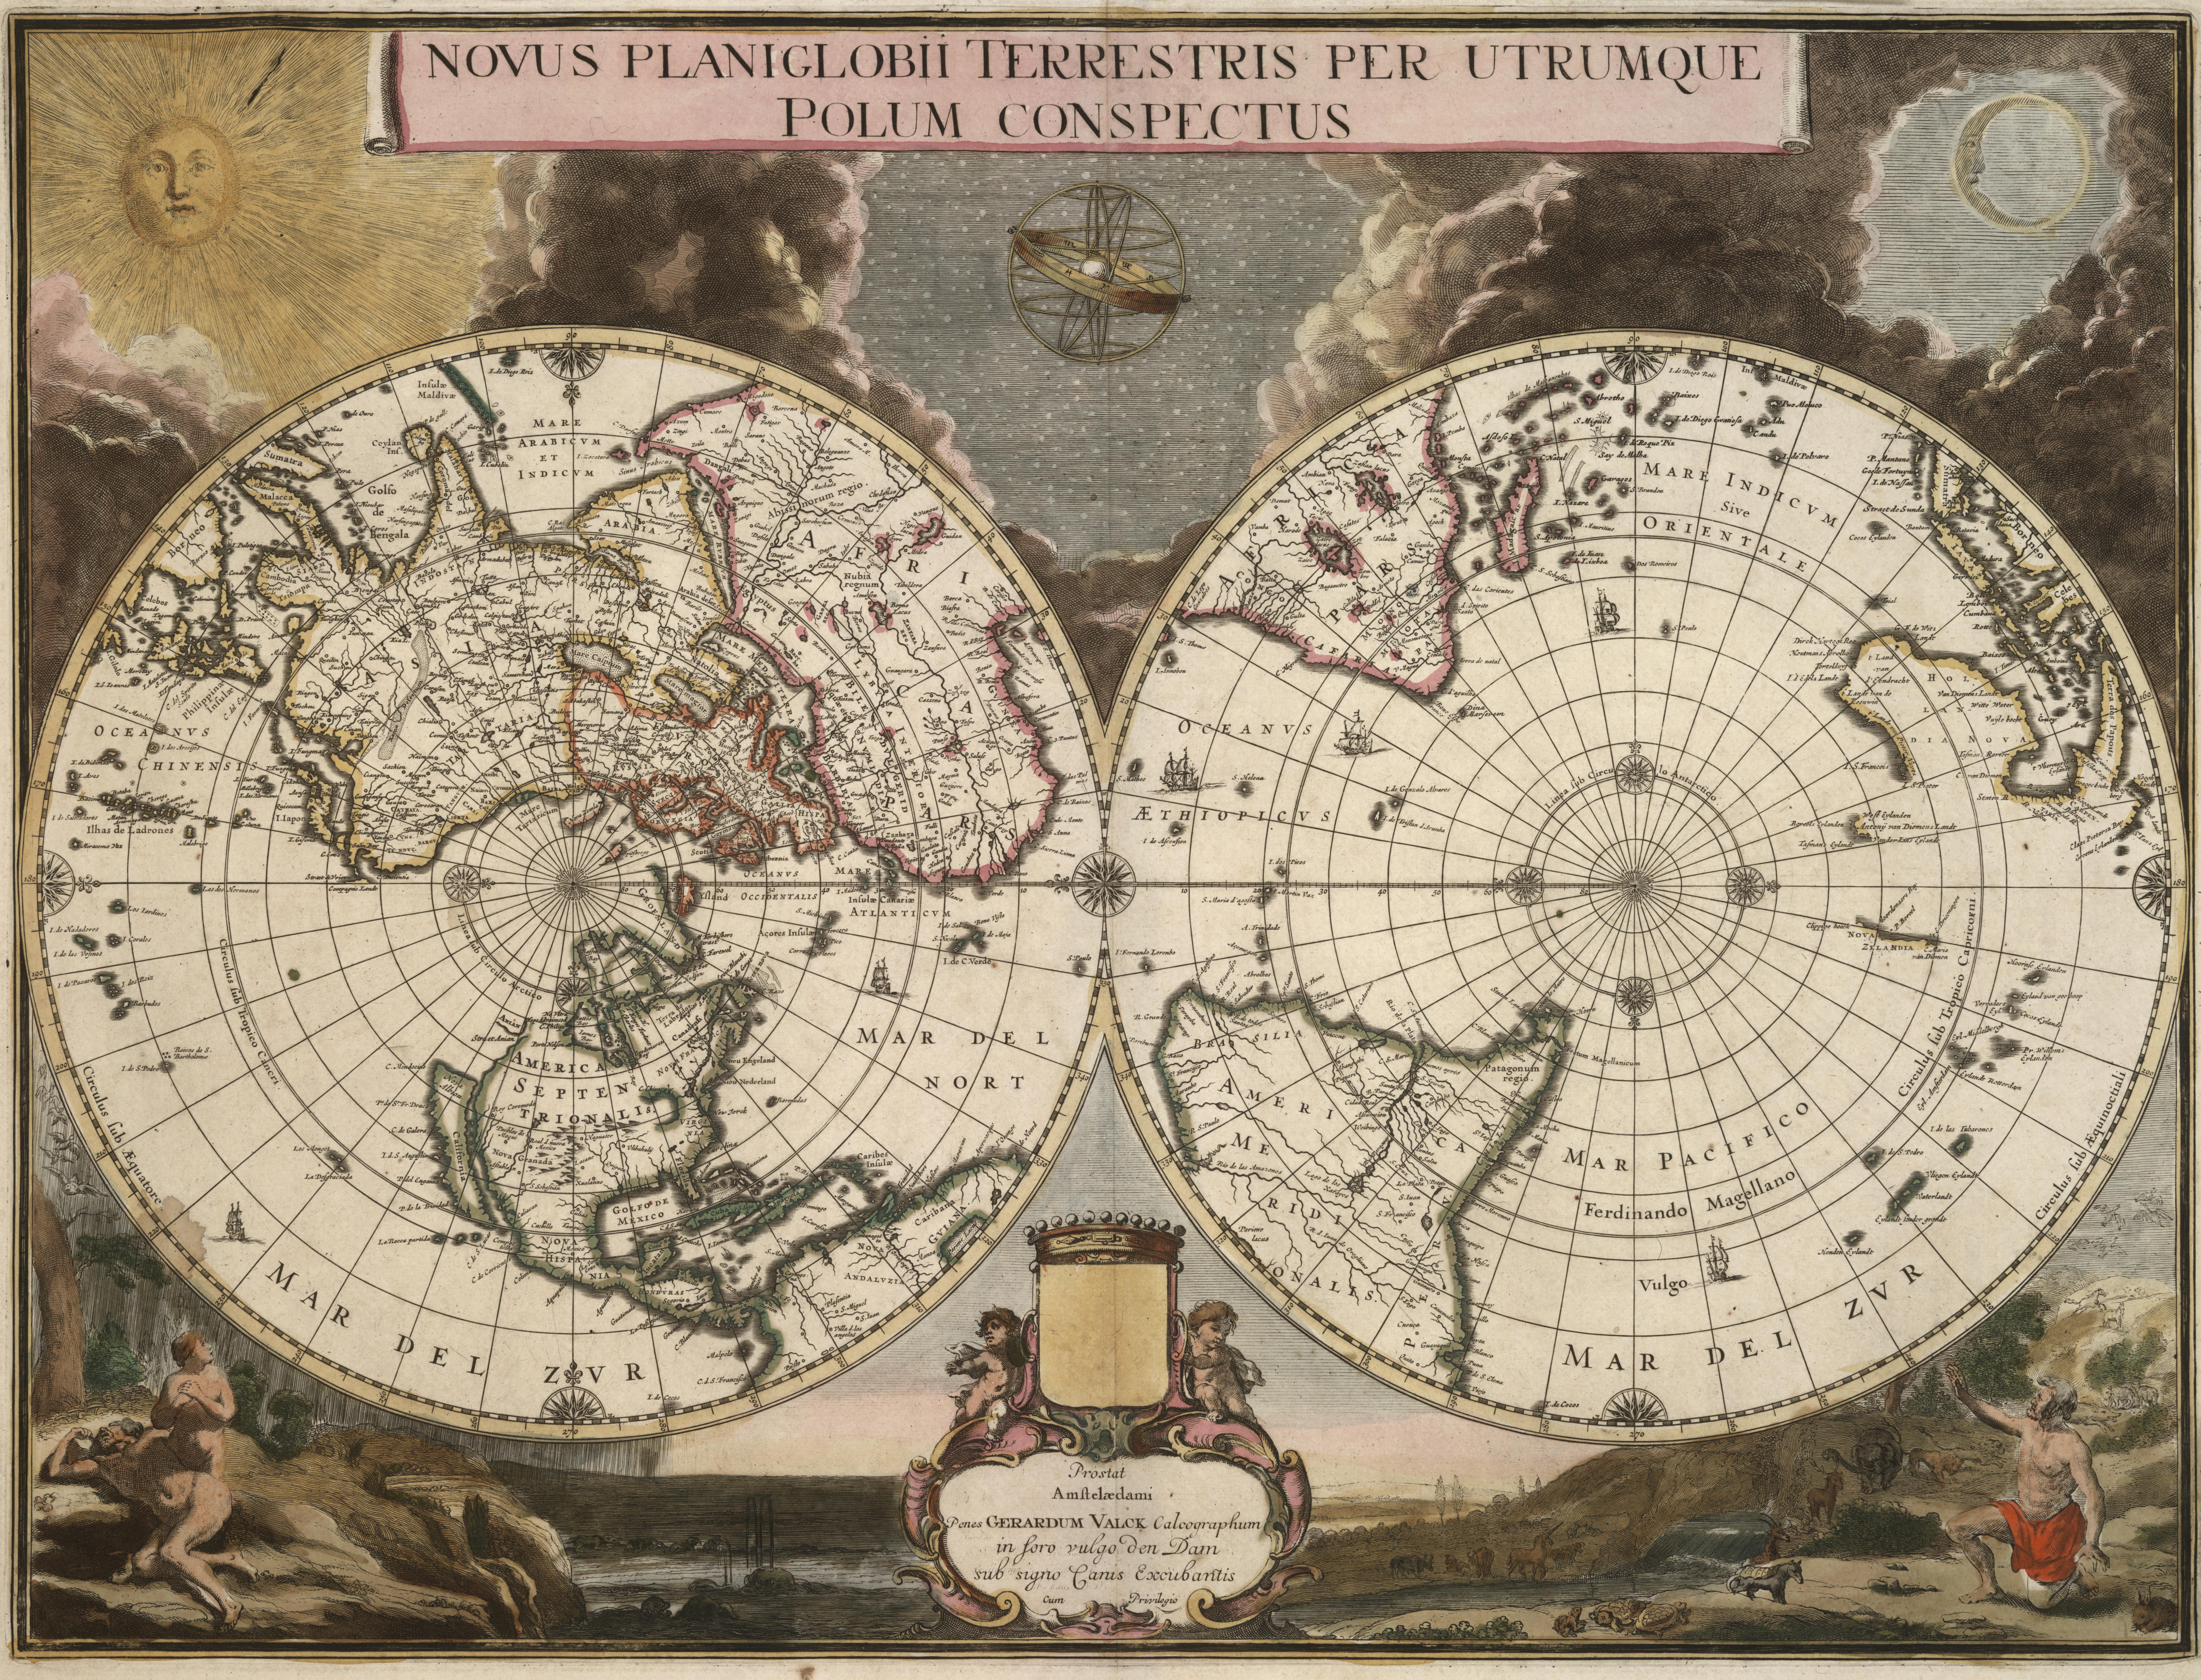 World Map By Peter Schenk The Elder.Gerard Valck Wikipedia